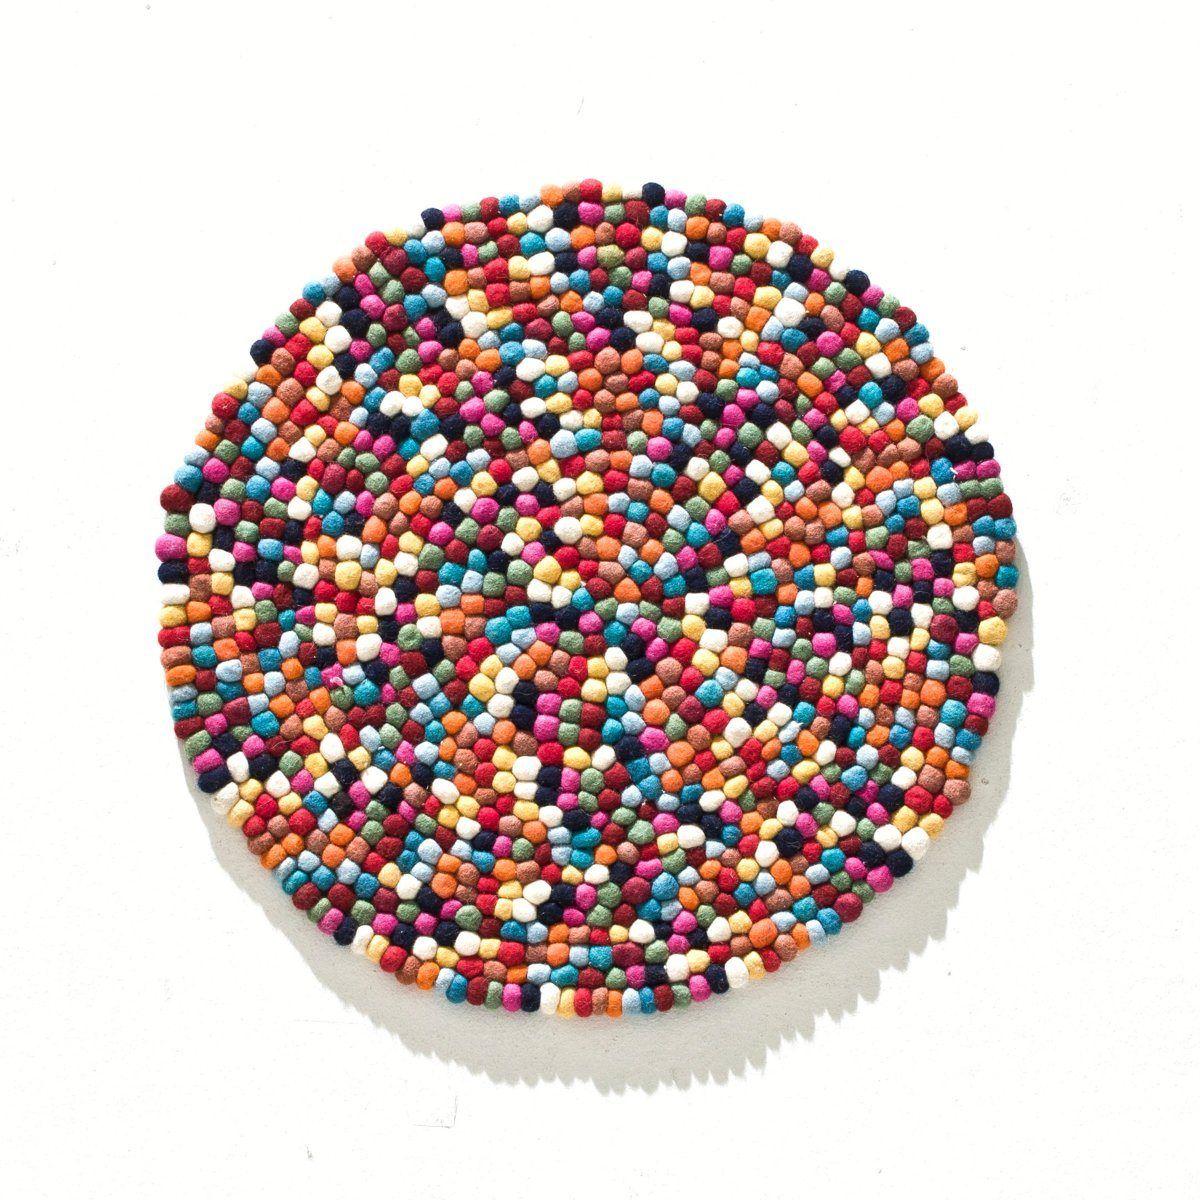 la redoute tapis rond laine feutr e boules multicolores autre la redoute tapis pinterest. Black Bedroom Furniture Sets. Home Design Ideas